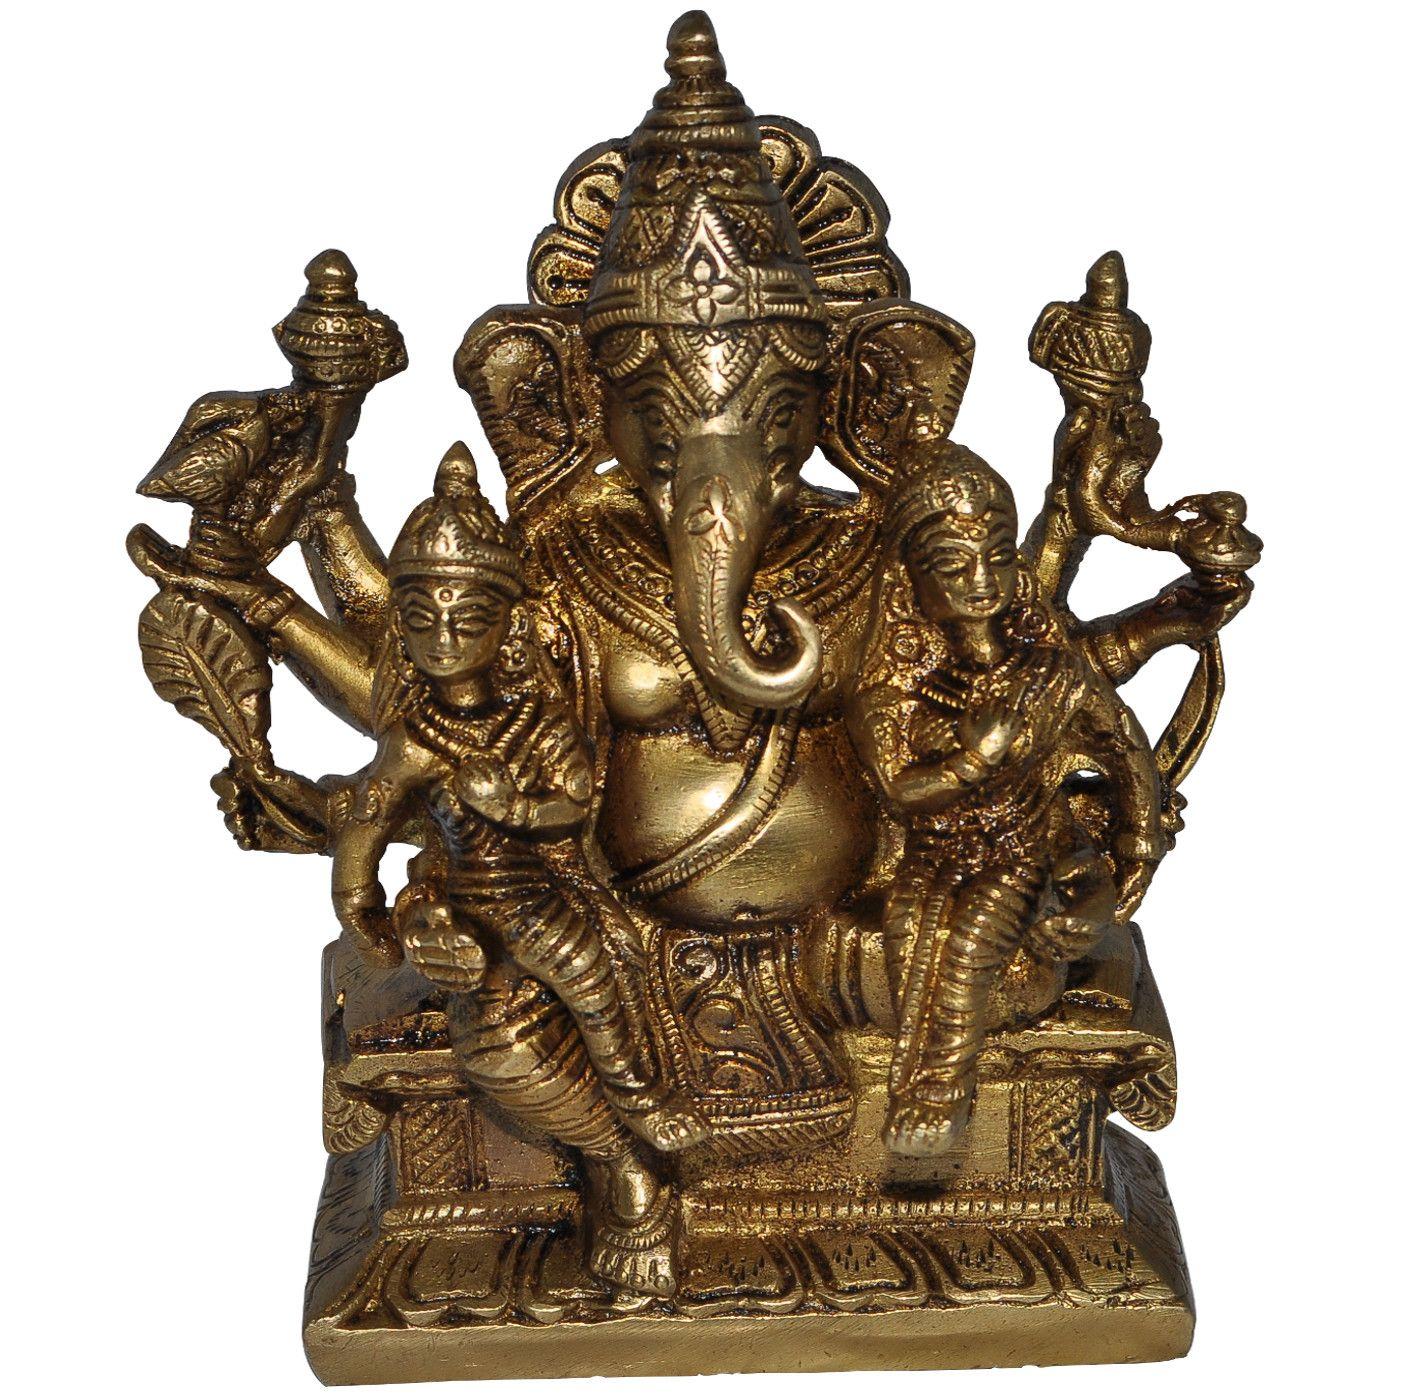 Ganesh Brass Statue, Ganesh Garden Statue, Ganesh Statue